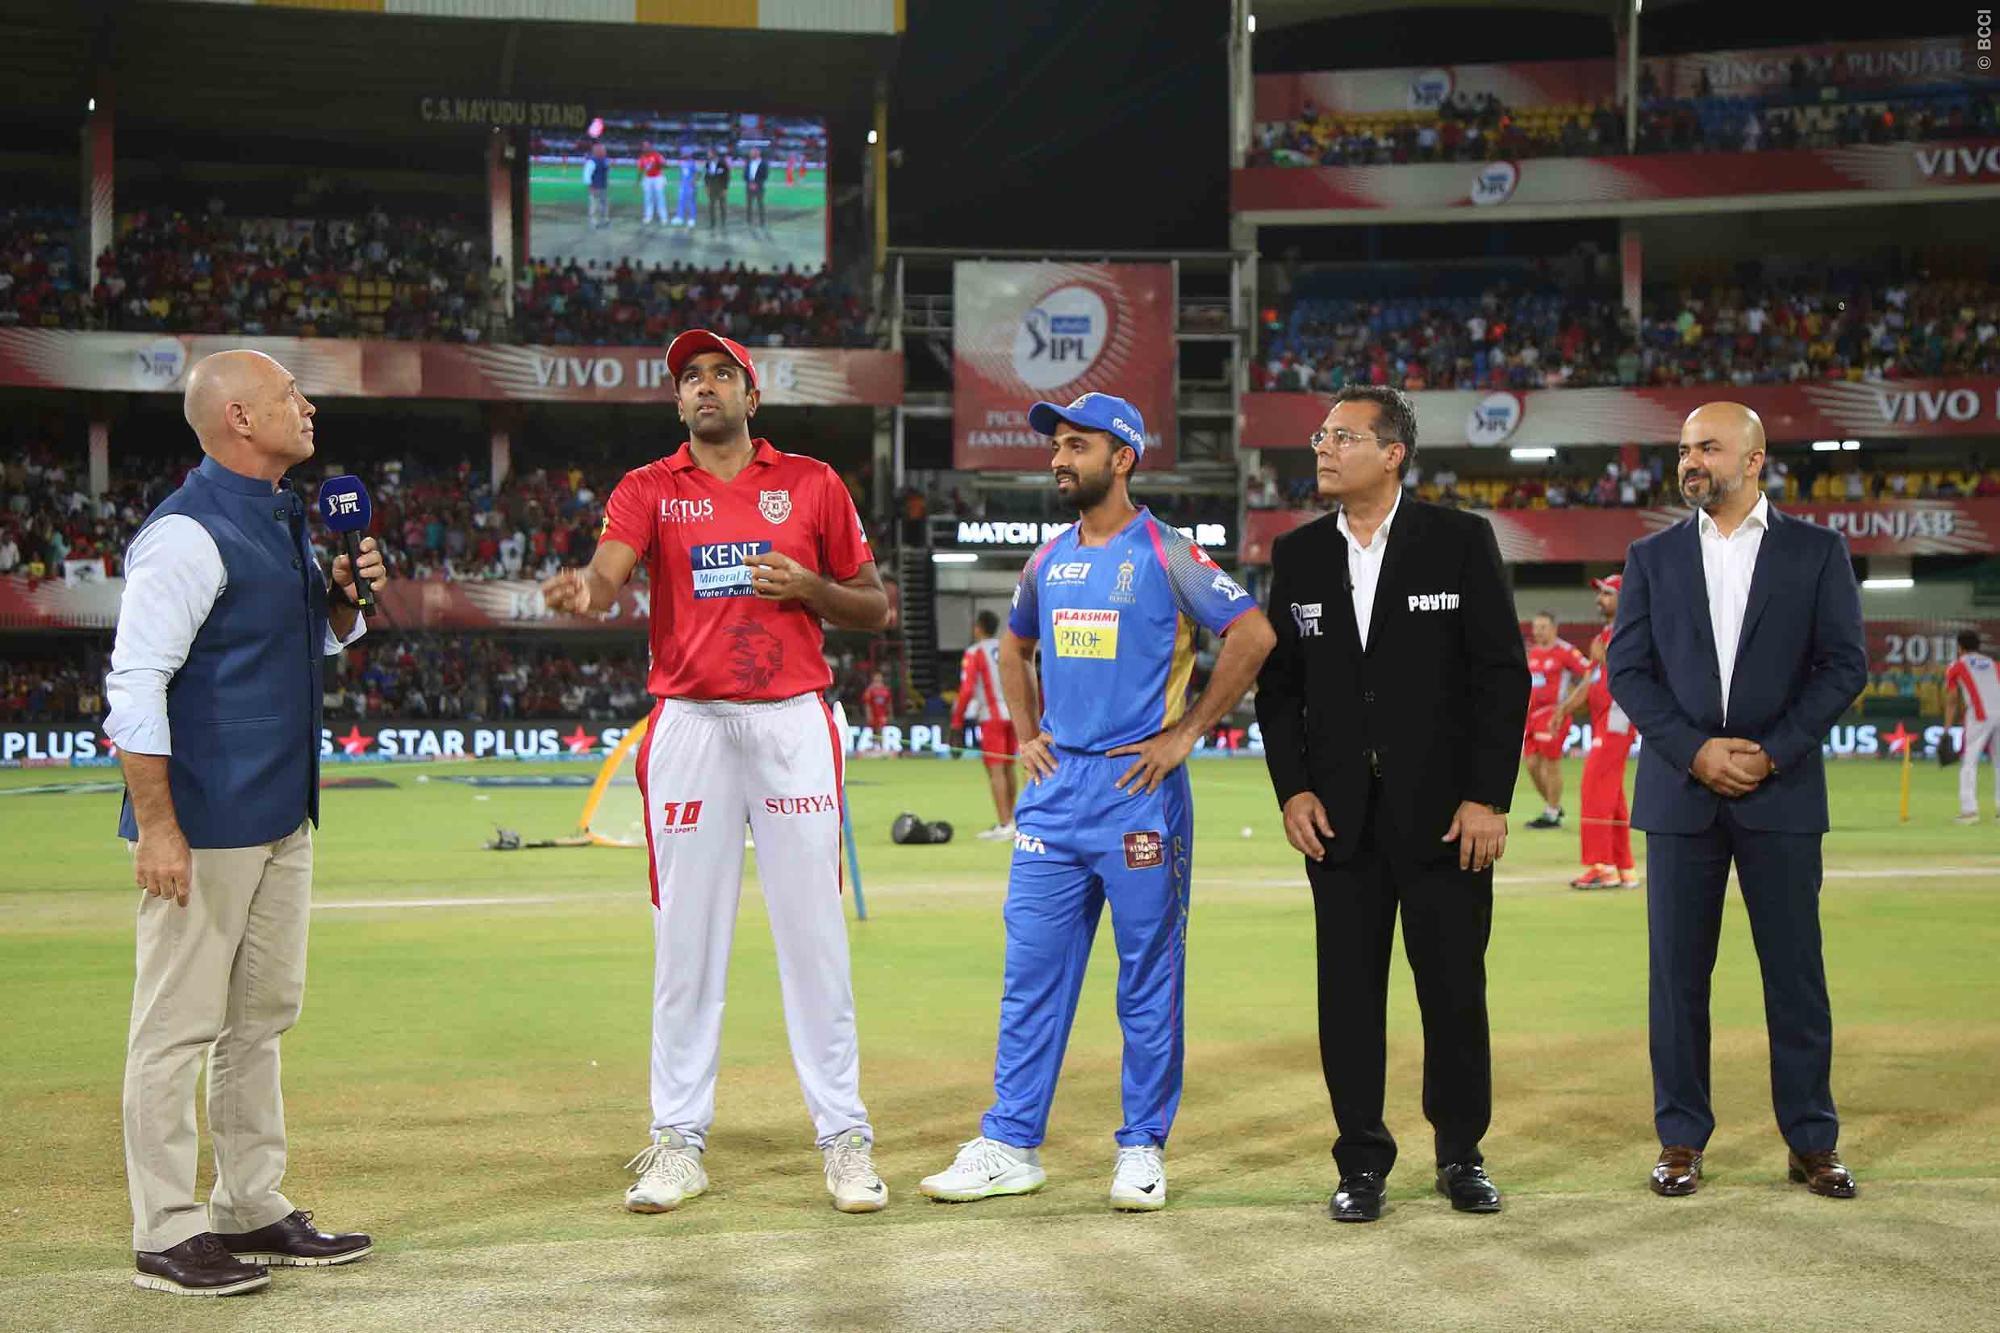 IPL 2018: अजिंक्य रहाणे के खराब प्रदर्शन के अलावा इन 5 कारणों से करना पड़ा राजस्थान को हार का सामना 5